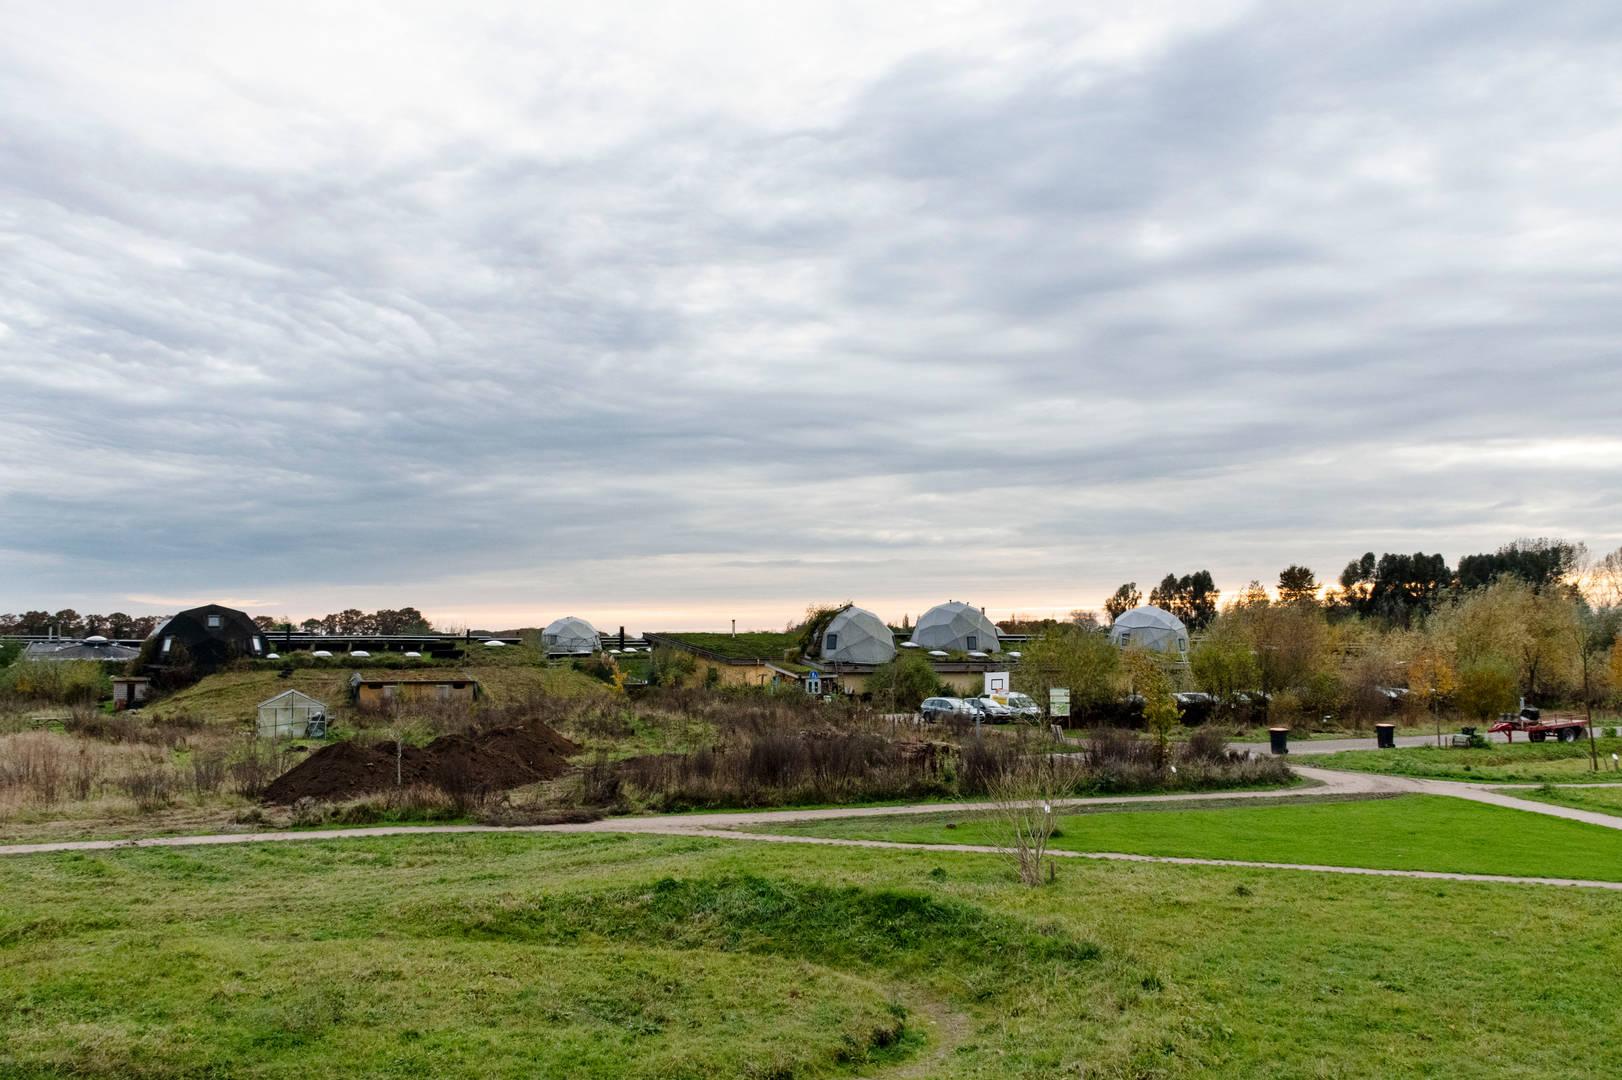 NZ-14112019-Aardehuizen Olst-28.jpg